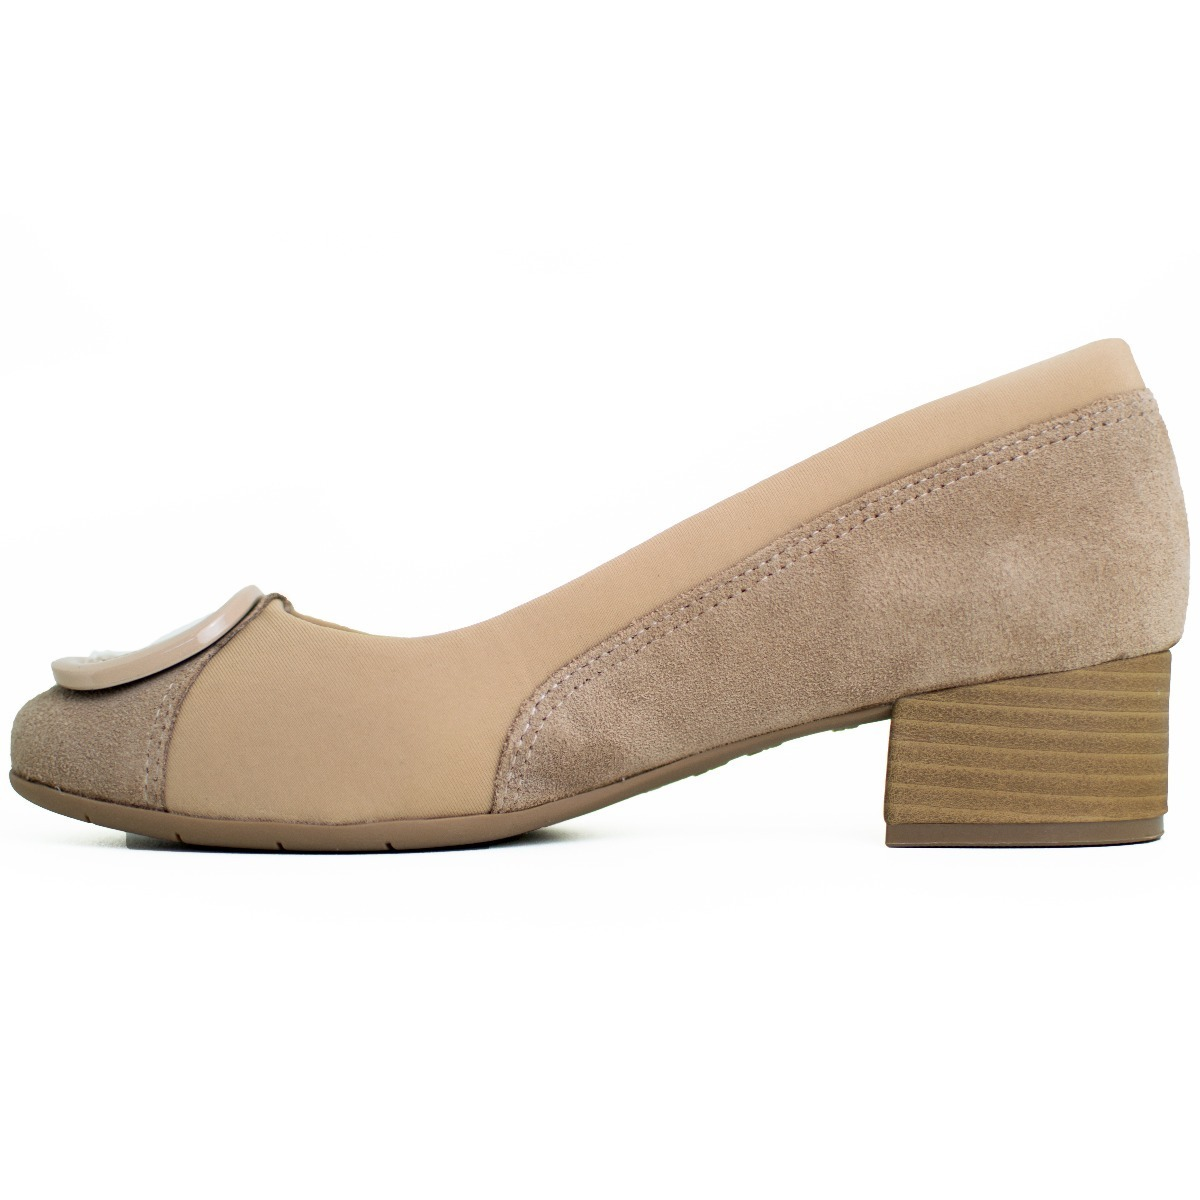 11c3f729e7 sapato feminino comfortflex salto baixo avelã preto 1895305. Carregando  zoom.